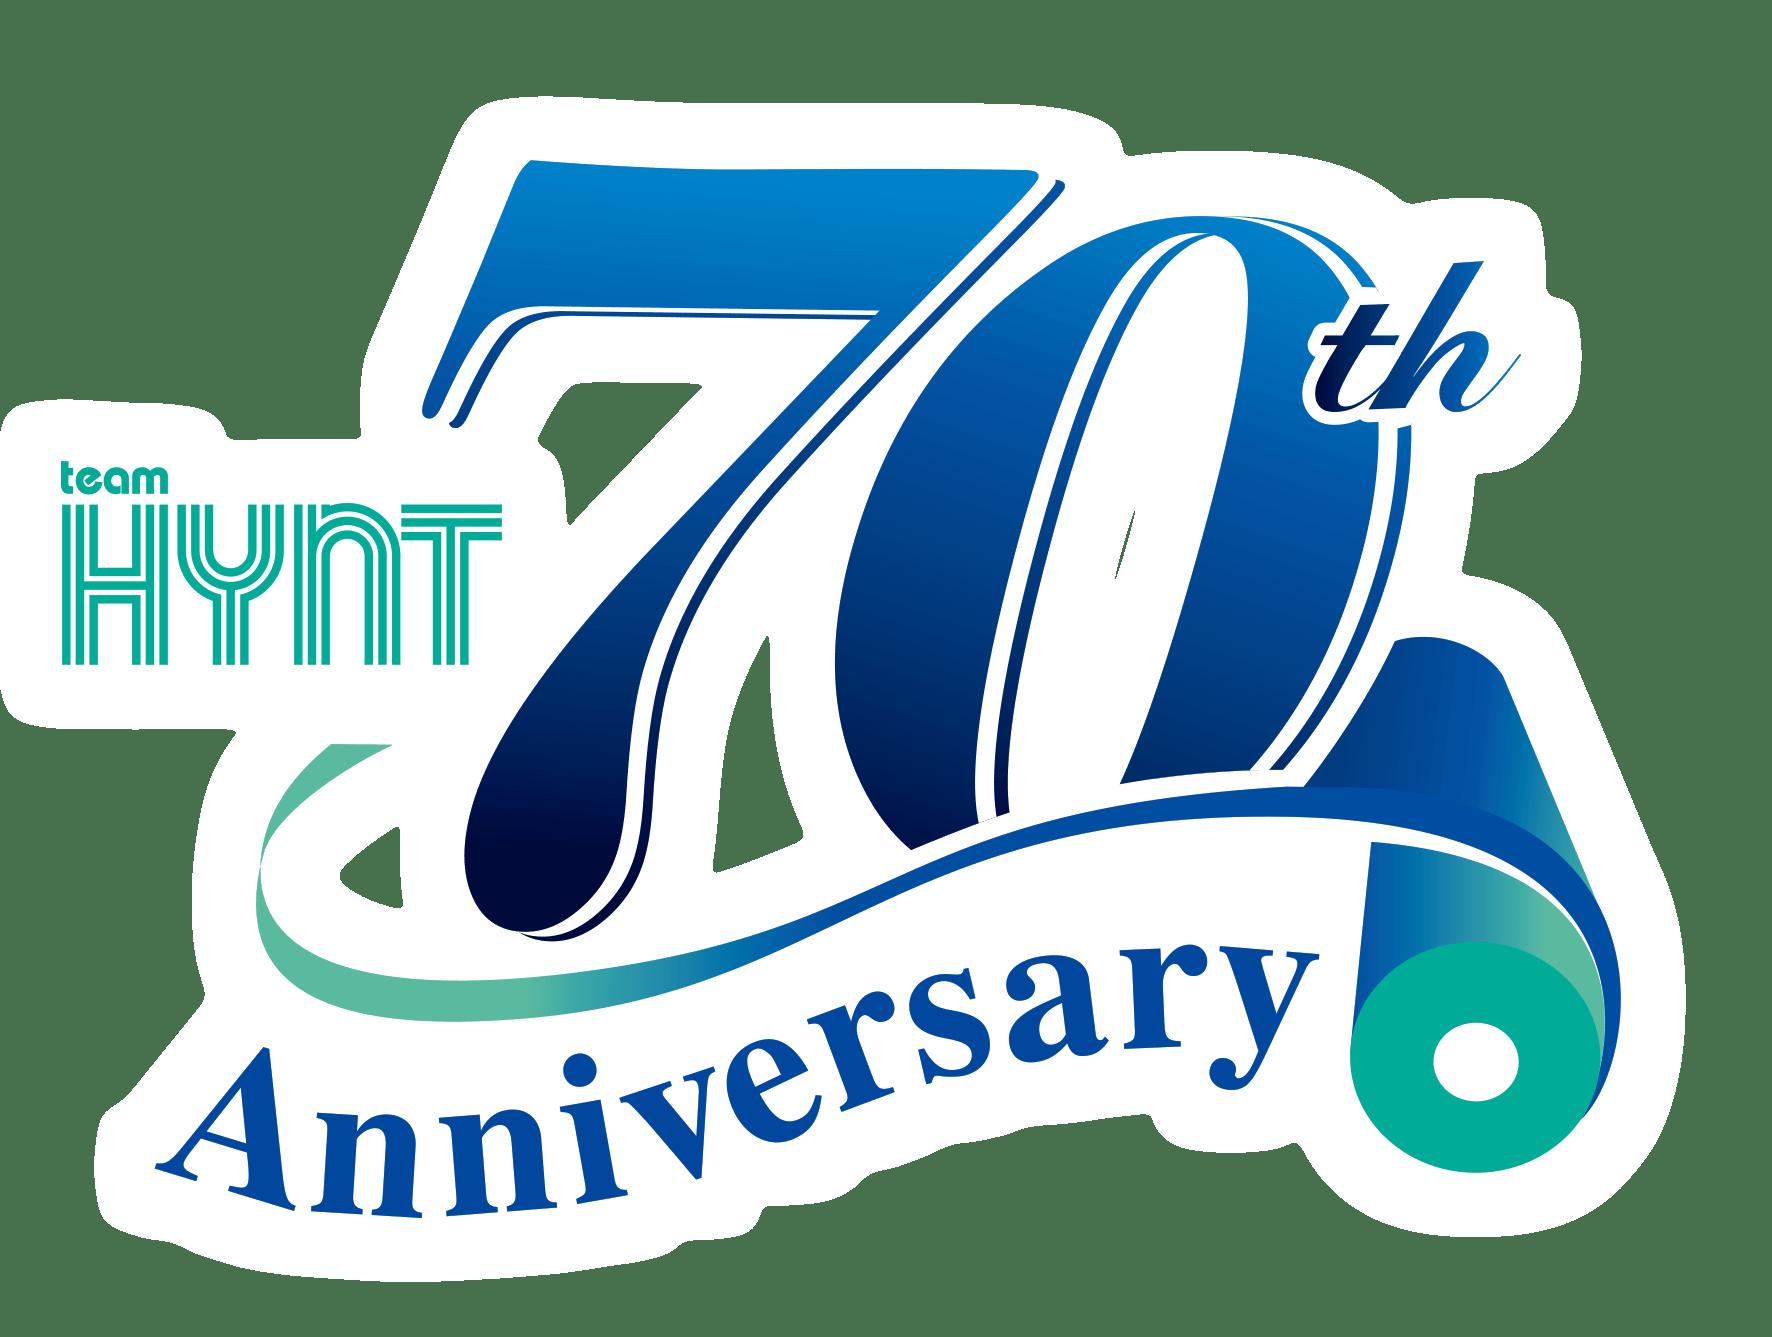 おかげさまで東山フイルムは創立70周年を迎えました